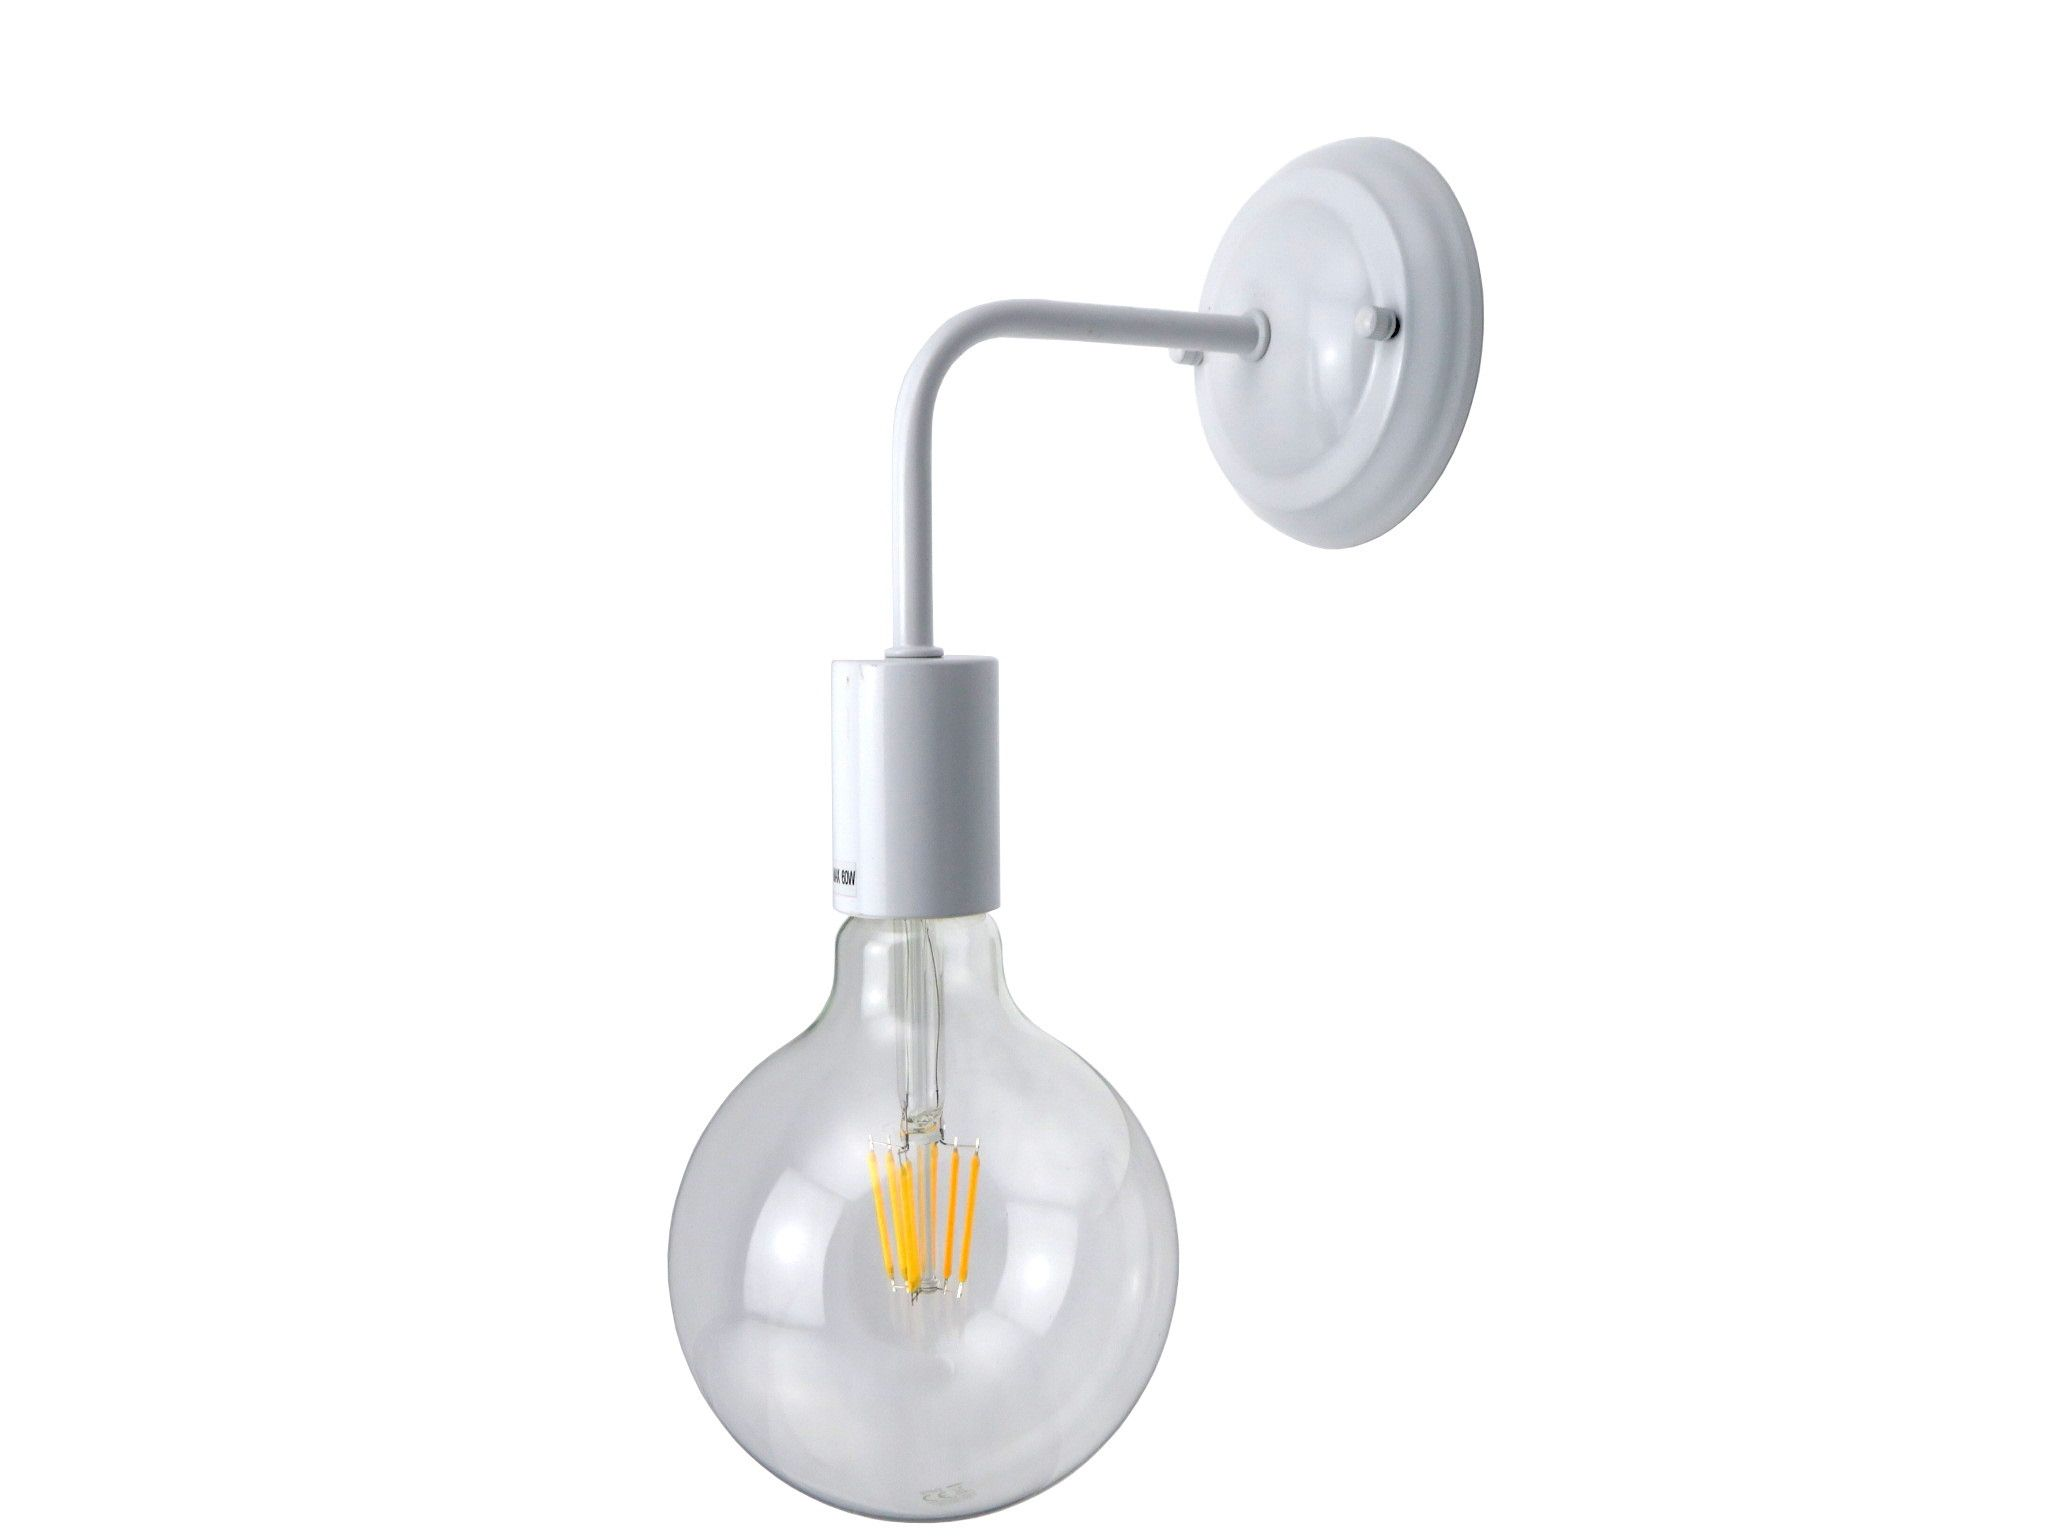 Lampada da parete dal design moderno minimale struttura in metallo